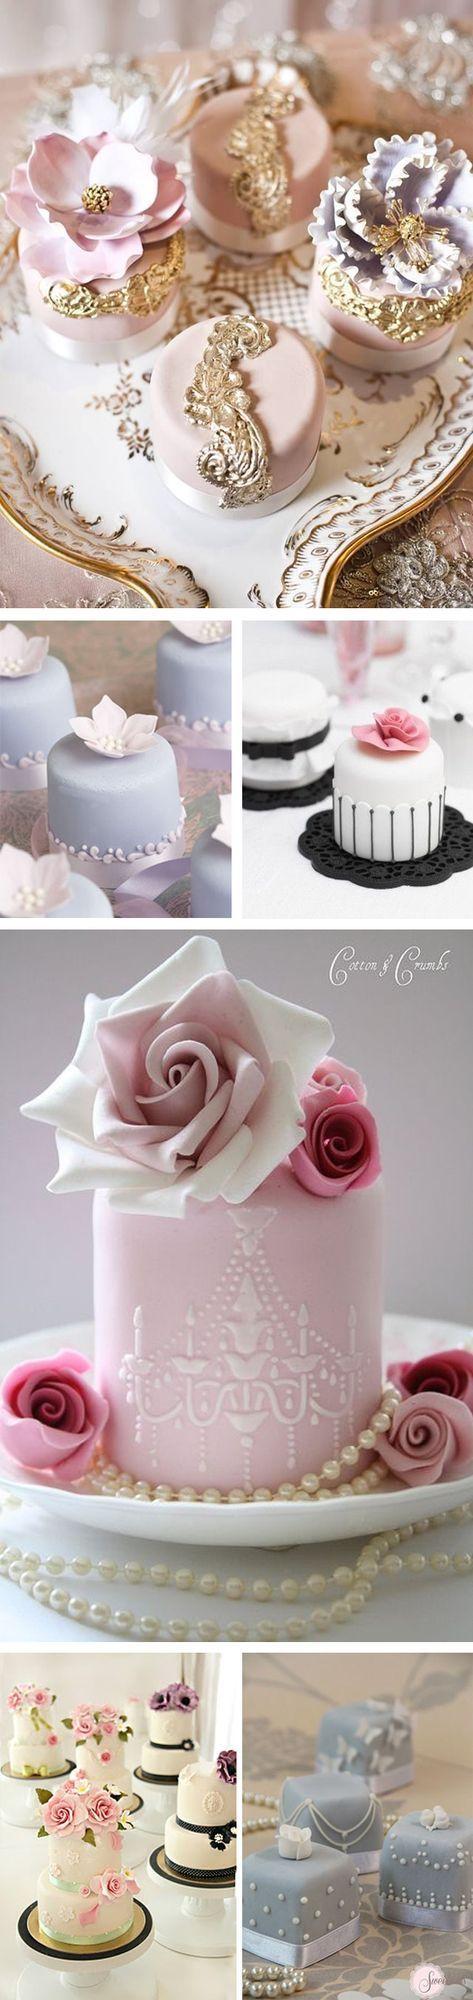 Hola a tod@s, En el post de hoy os quiero enseñar algunas opciones alternativas para el postre de vuestra boda, las mini cakes o mini tartas. ¡Son tan monas…! Y tienen una pinta que no os podréis resi